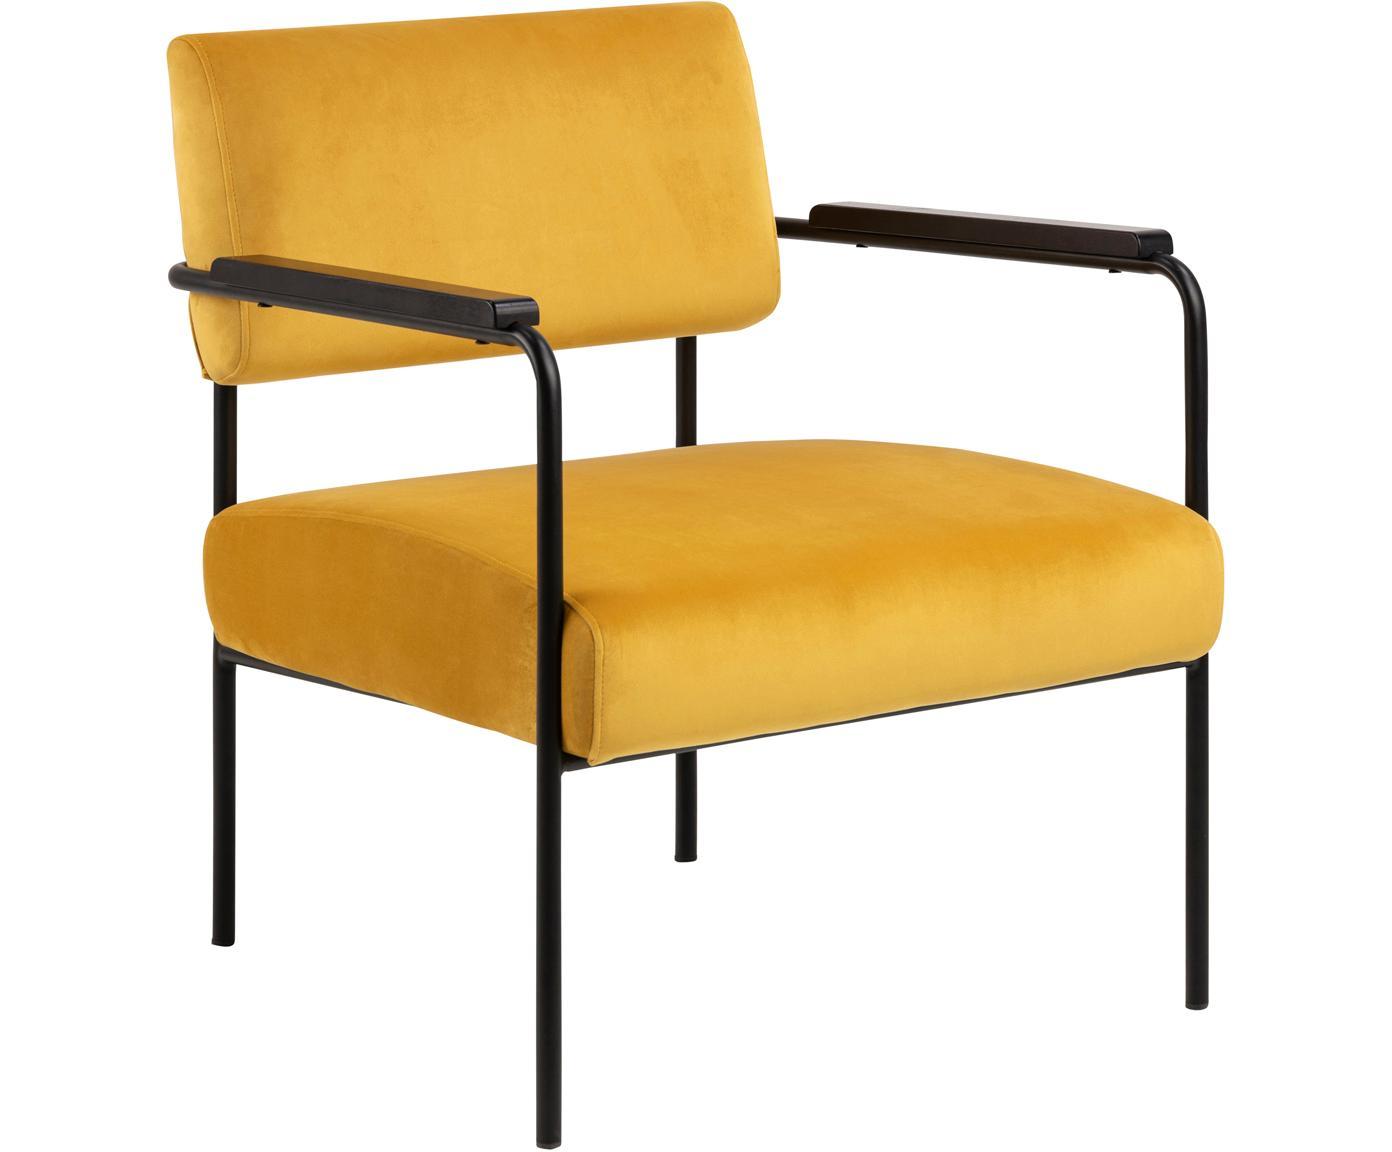 Fluwelen lounge fauteuil Cloe, Bekleding: polyester fluweel, Frame: gecoat metaal, Geel, zwart, 67 x 67 cm